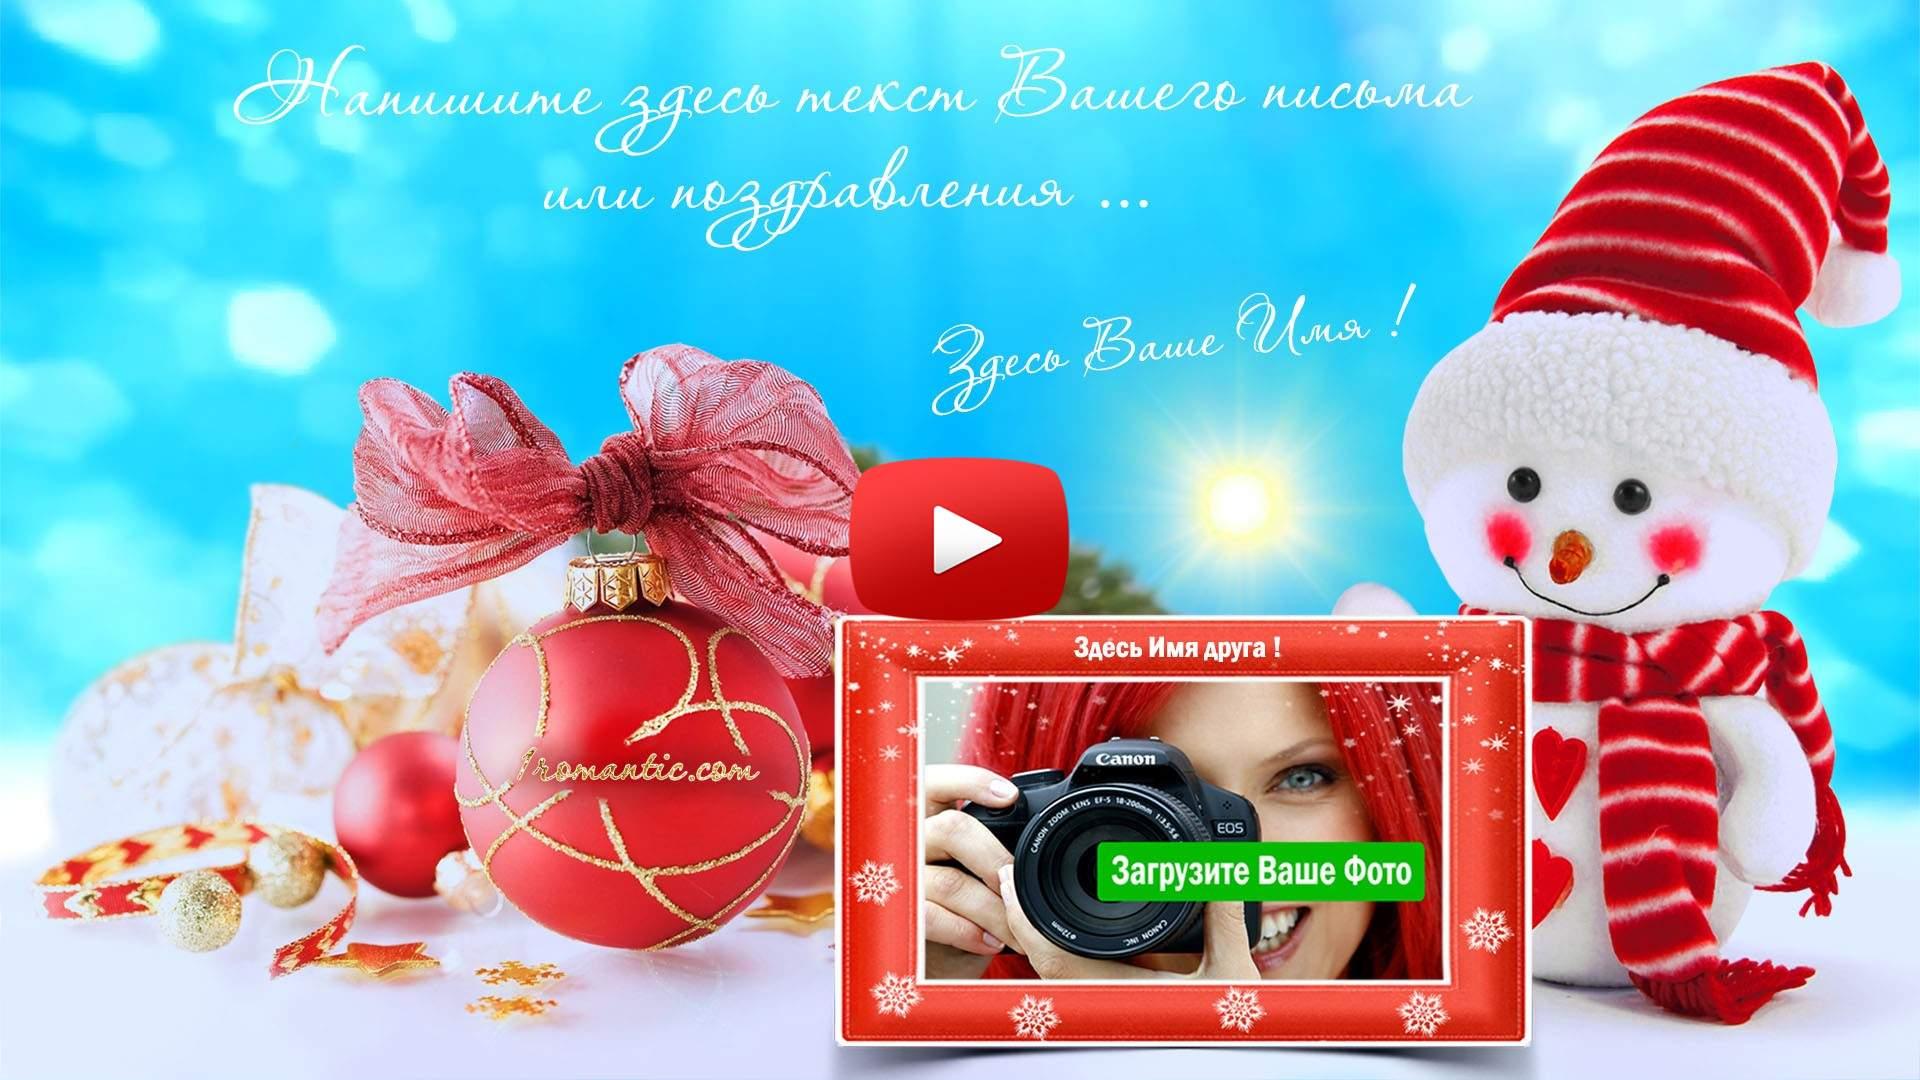 Как в ватсапе послать открытку новогоднее поздравление видео, лисой очках